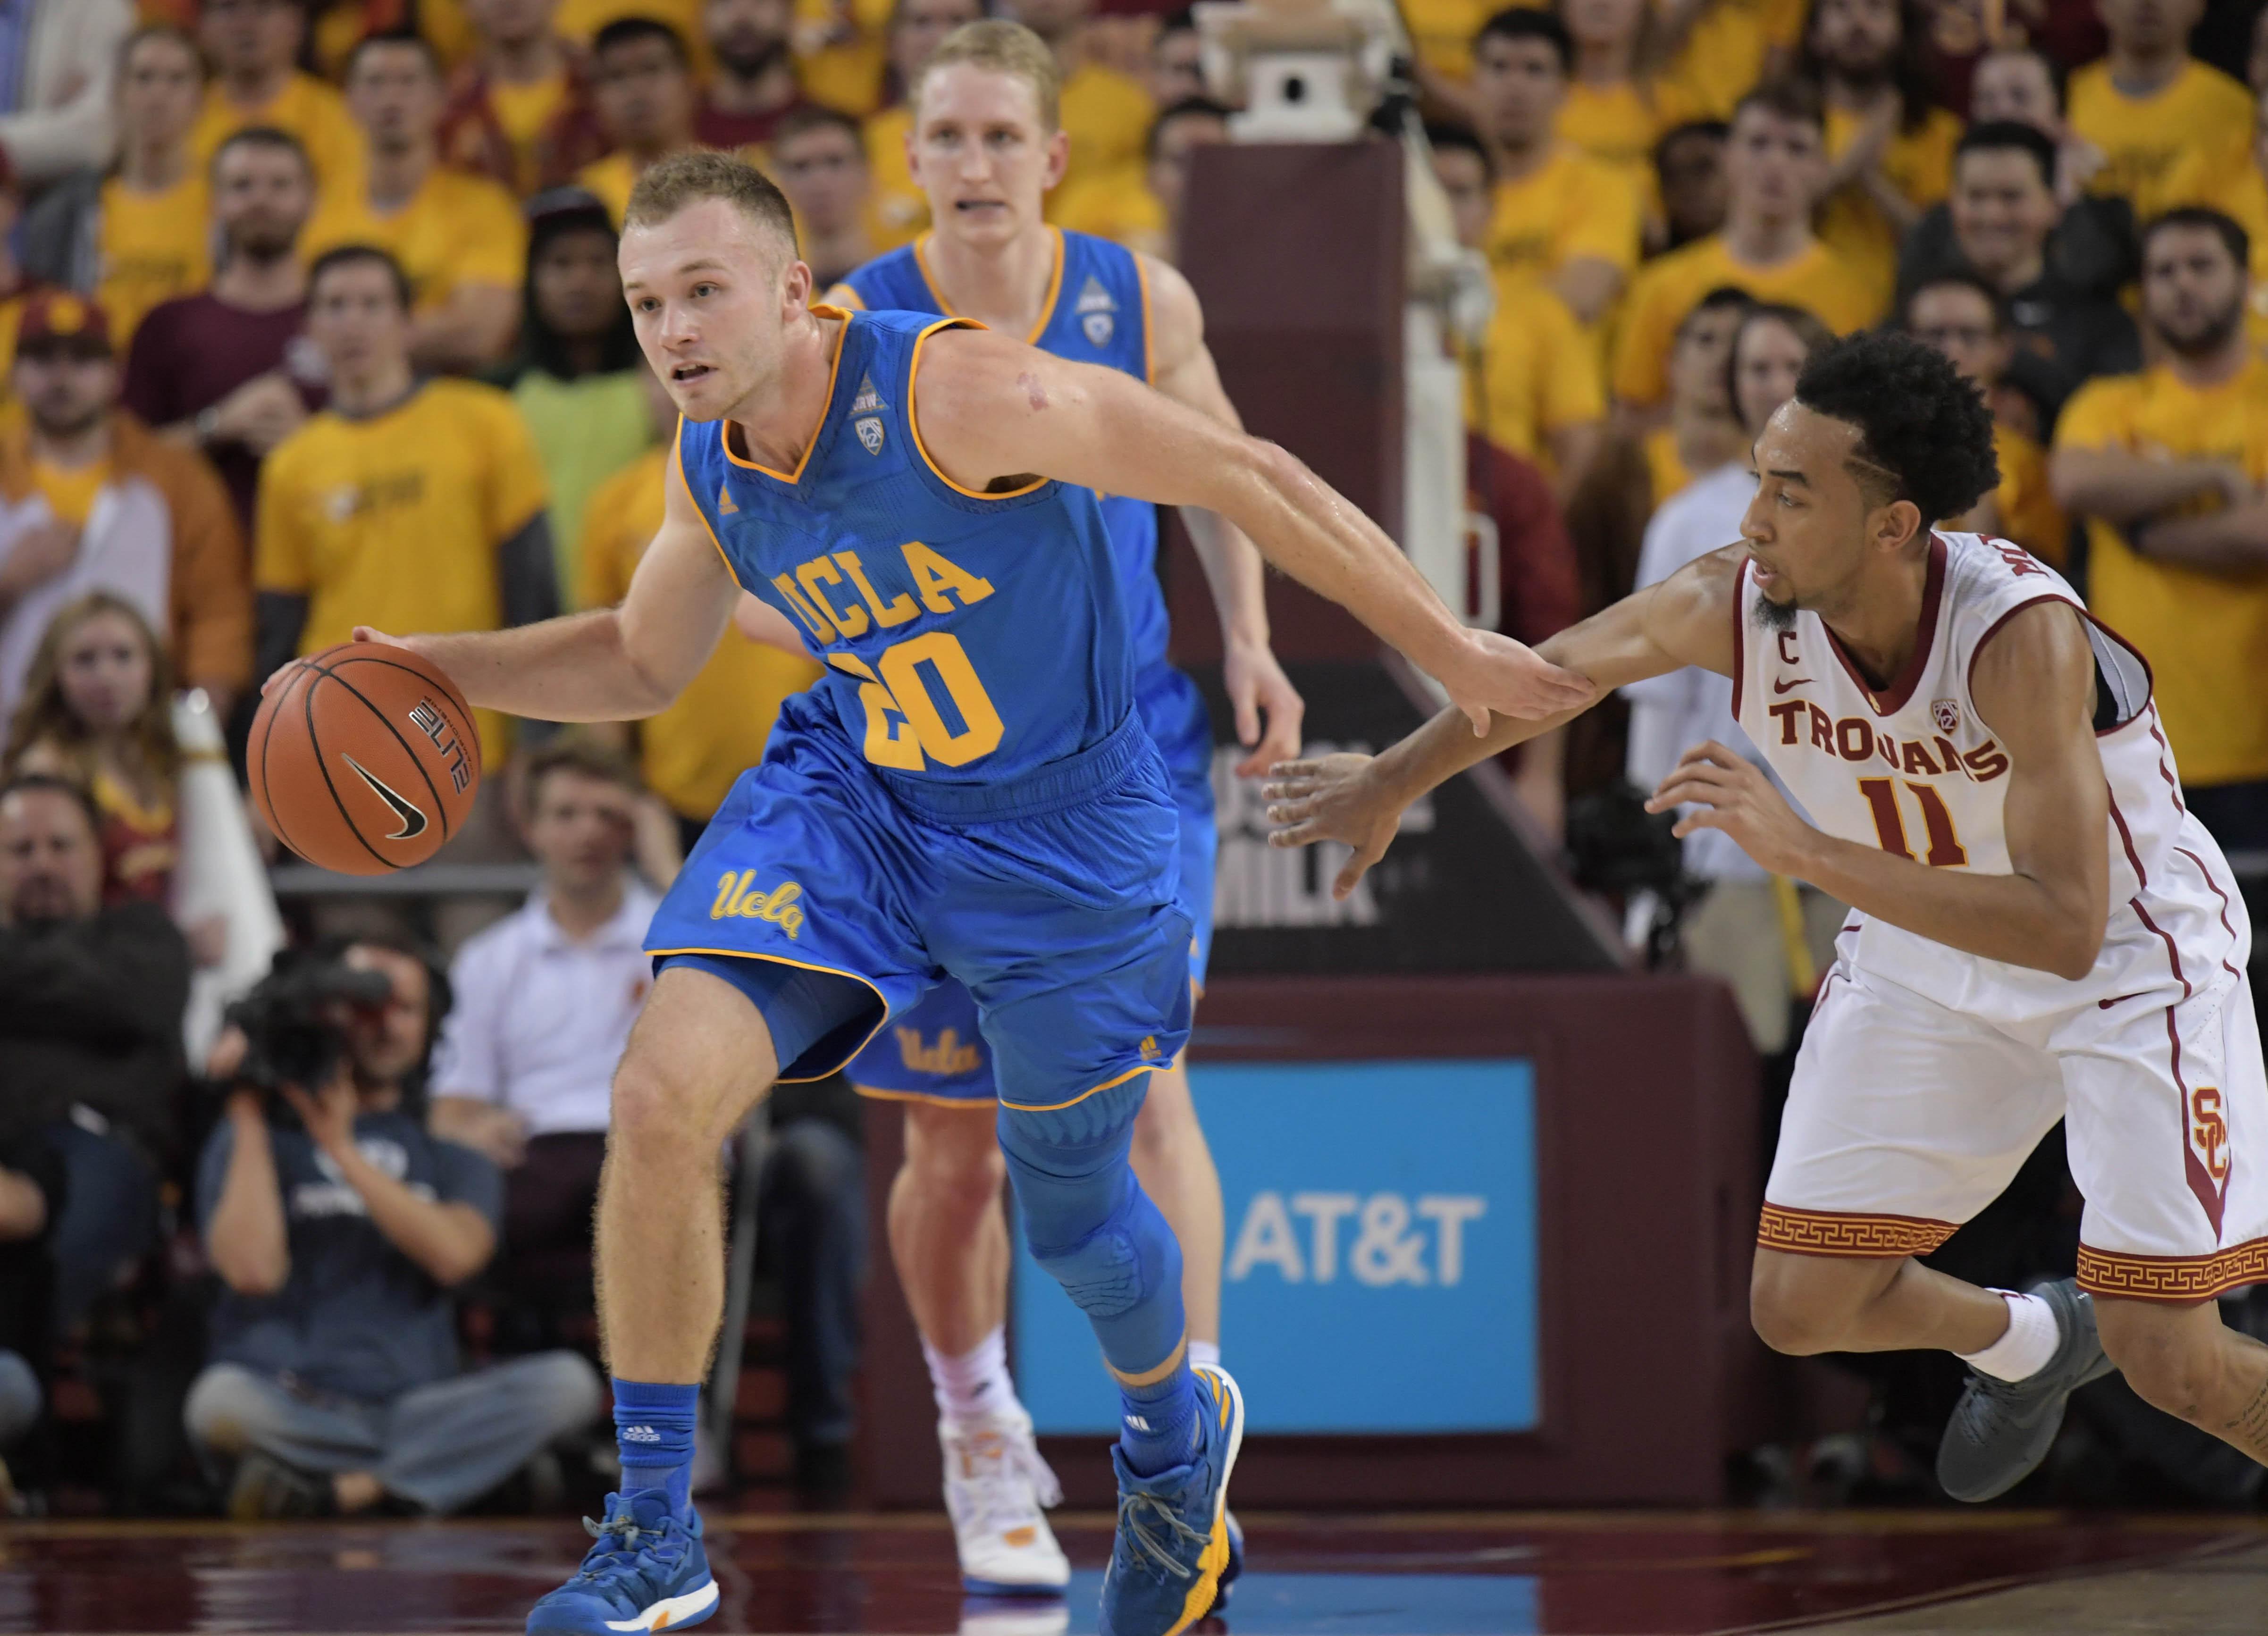 9842725-ncaa-basketball-ucla-at-southern-california